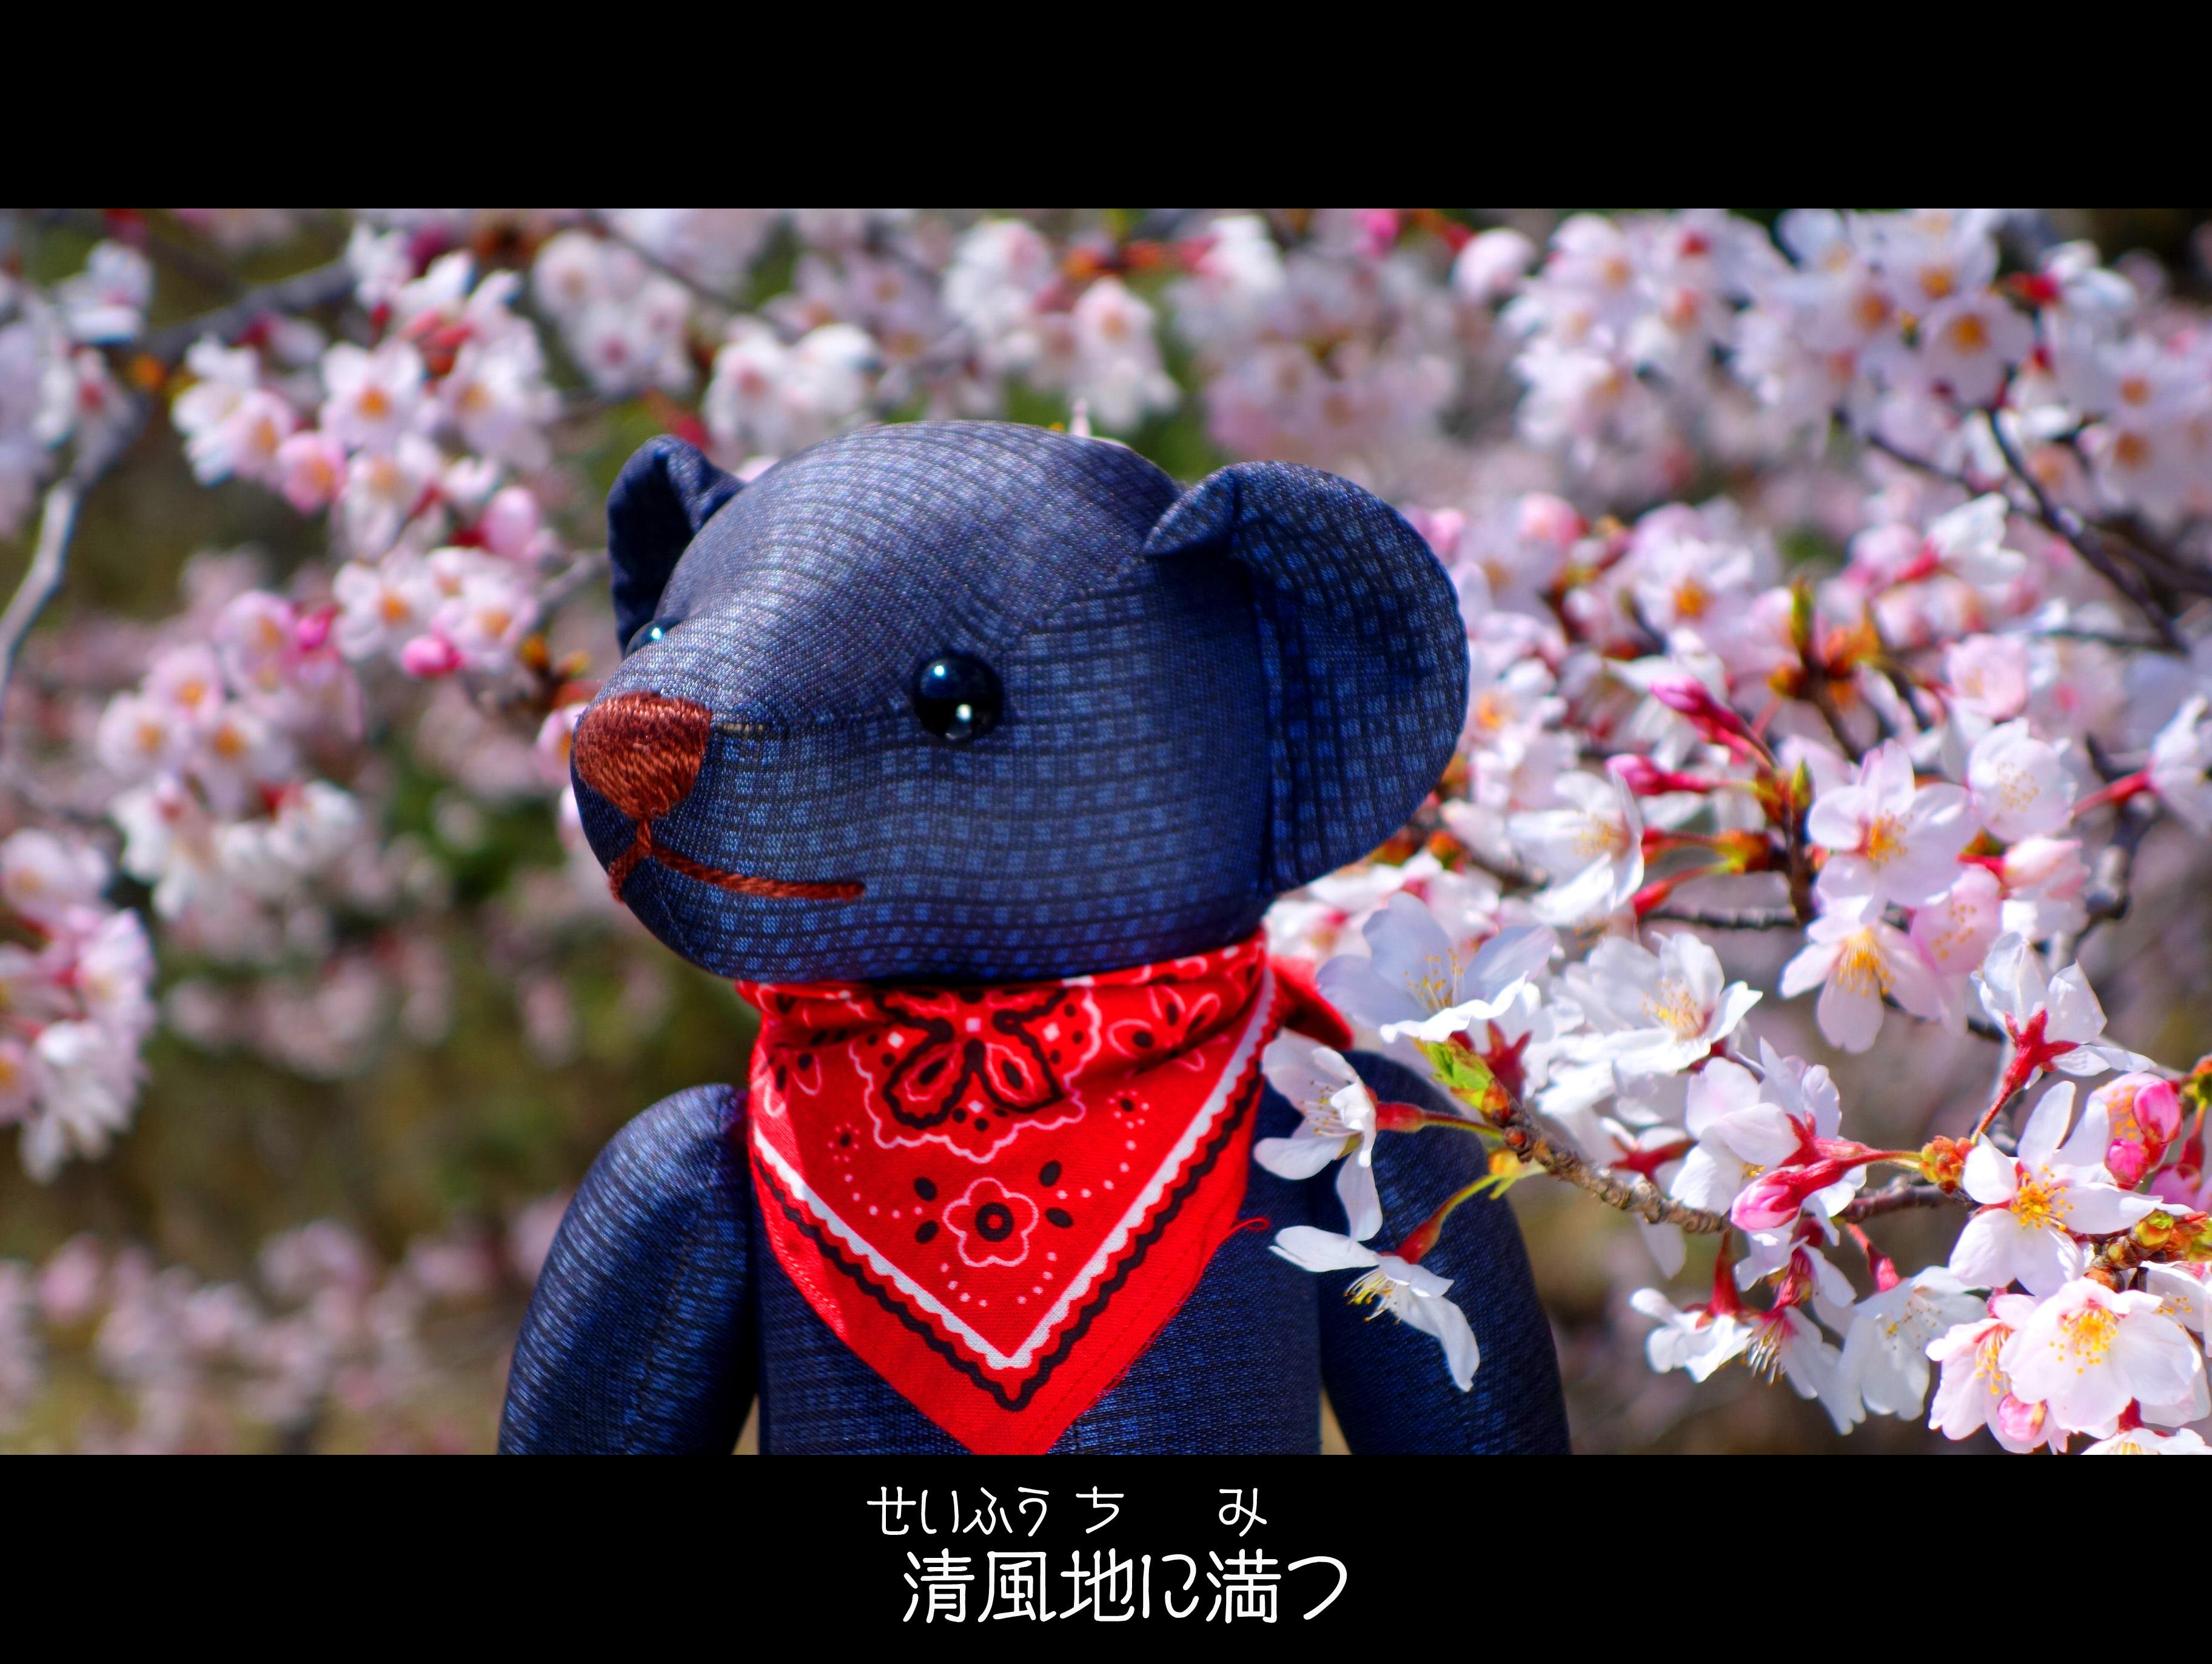 【桜の和歌】古今和歌集から学ぶ桜の楽しみ方12選